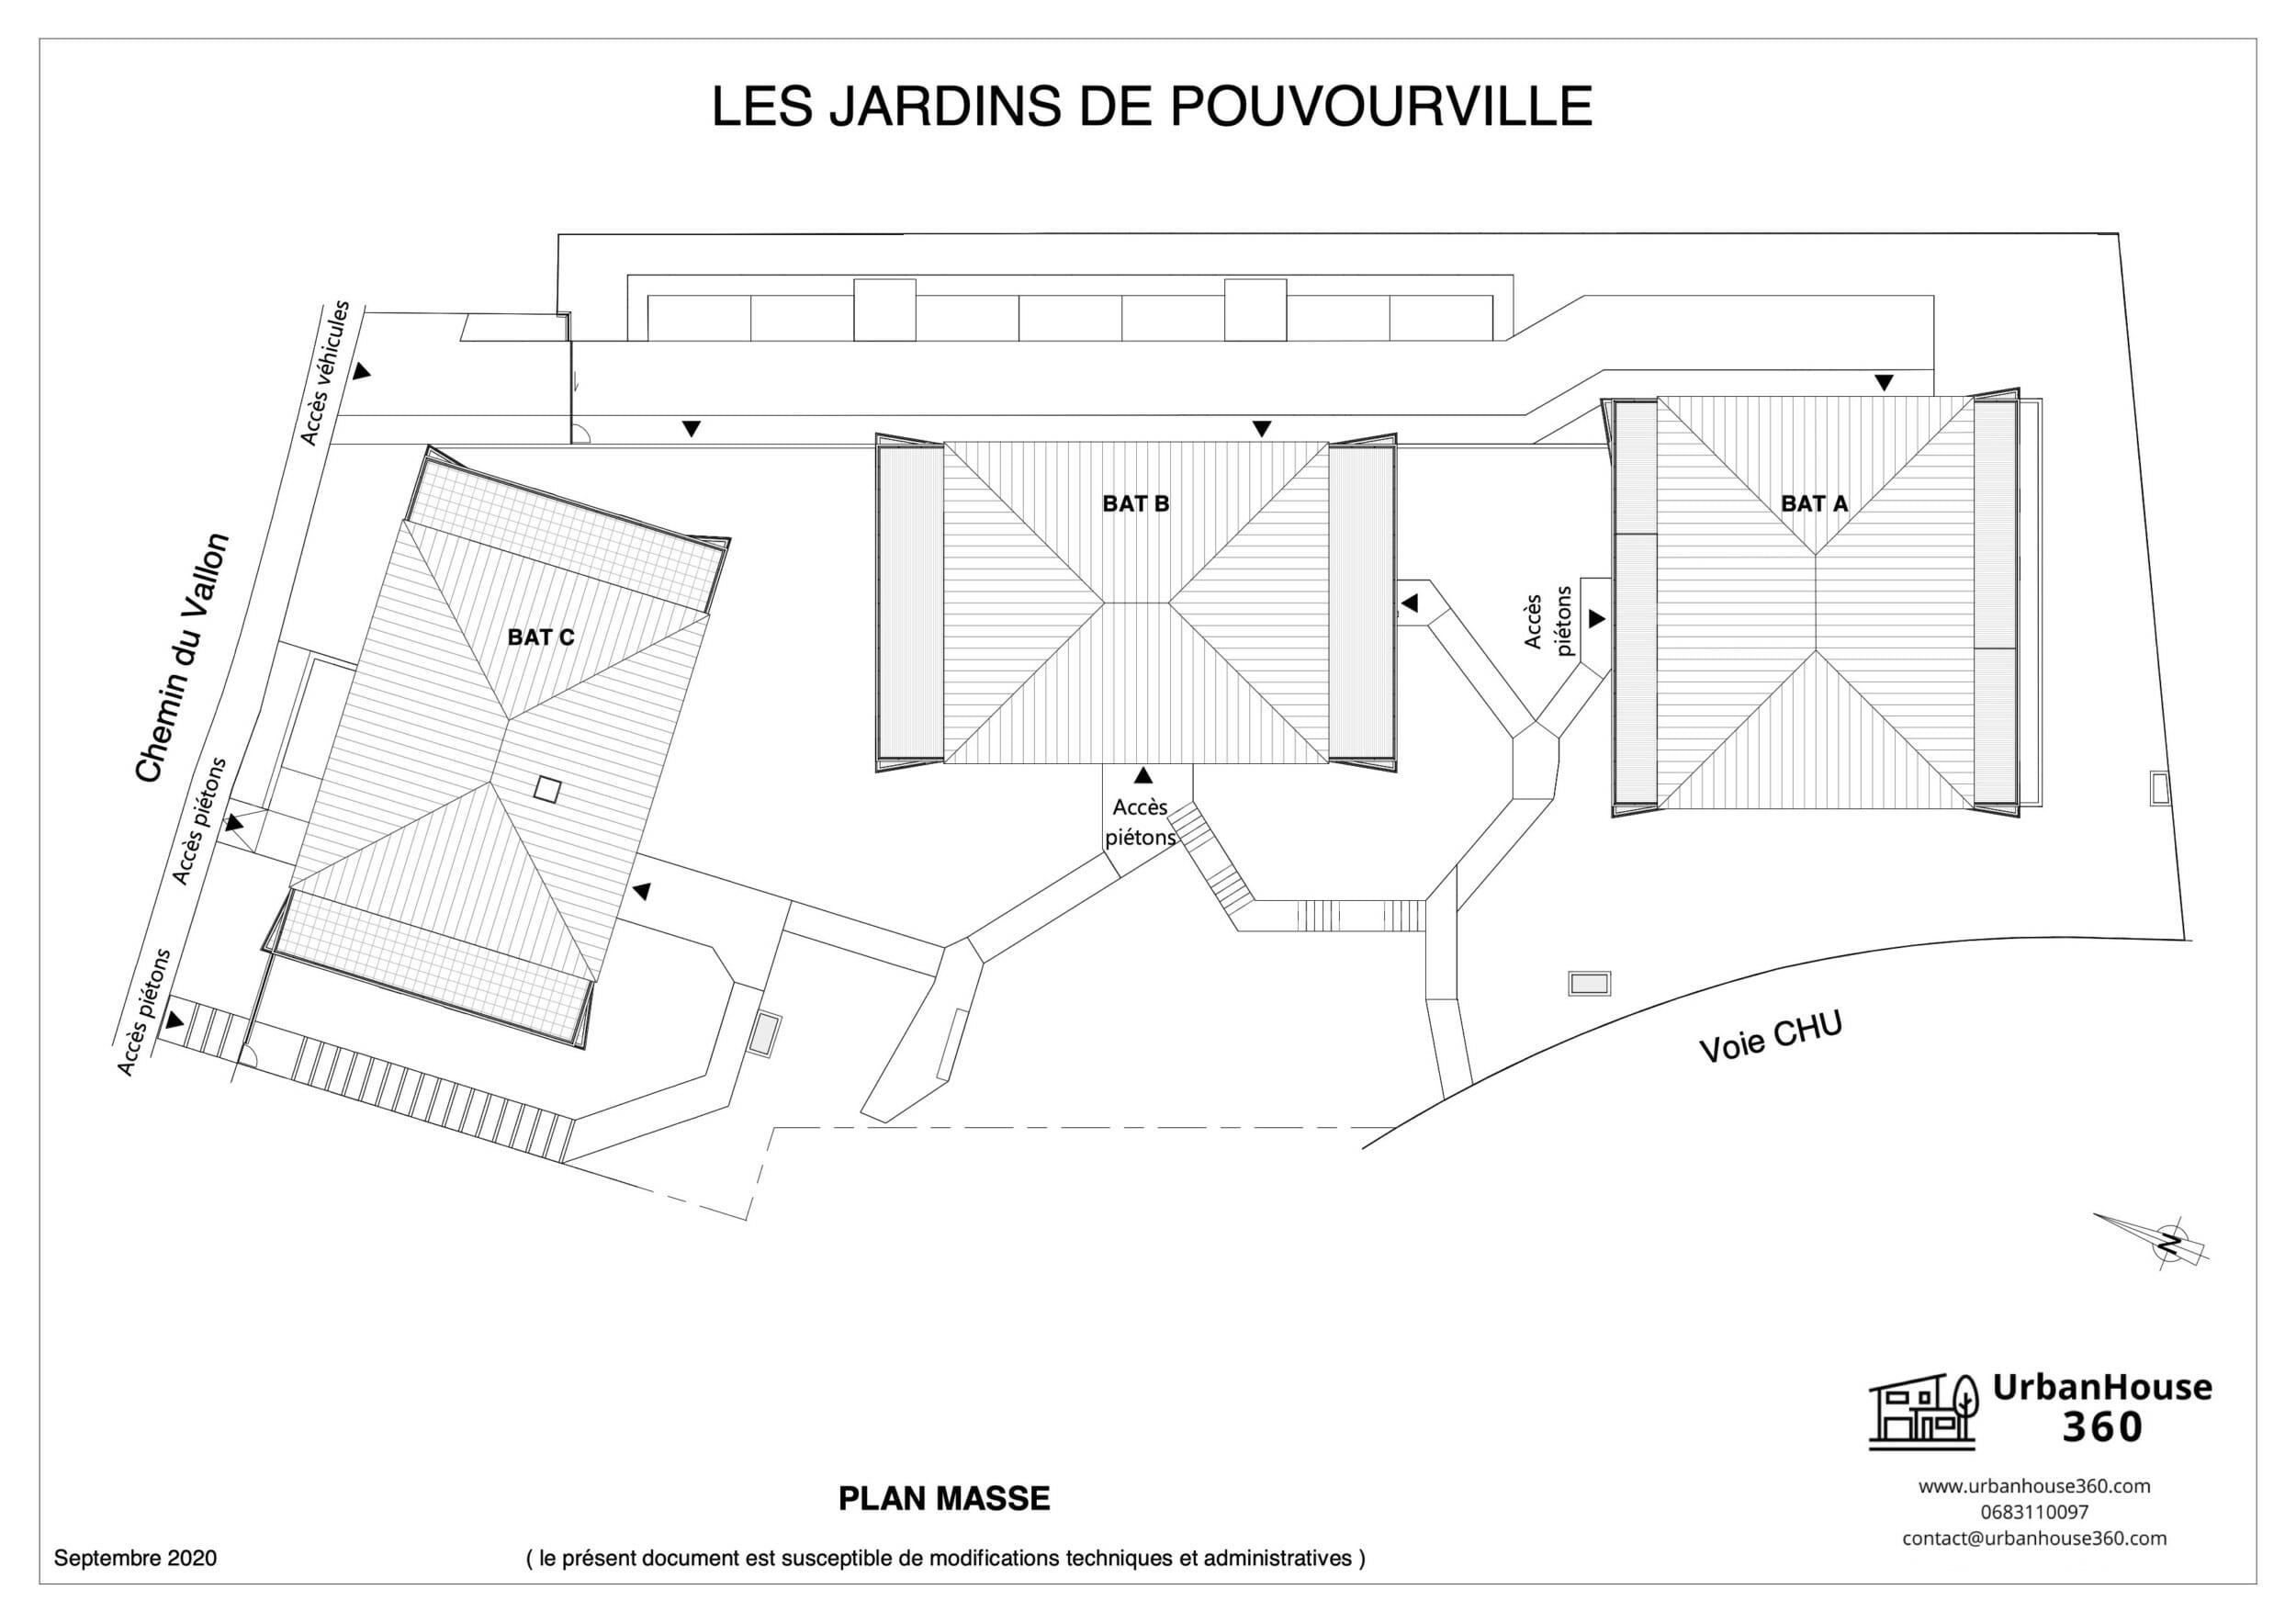 UrbanHouse360-plan_de_masse-les_jardins_pouvourville